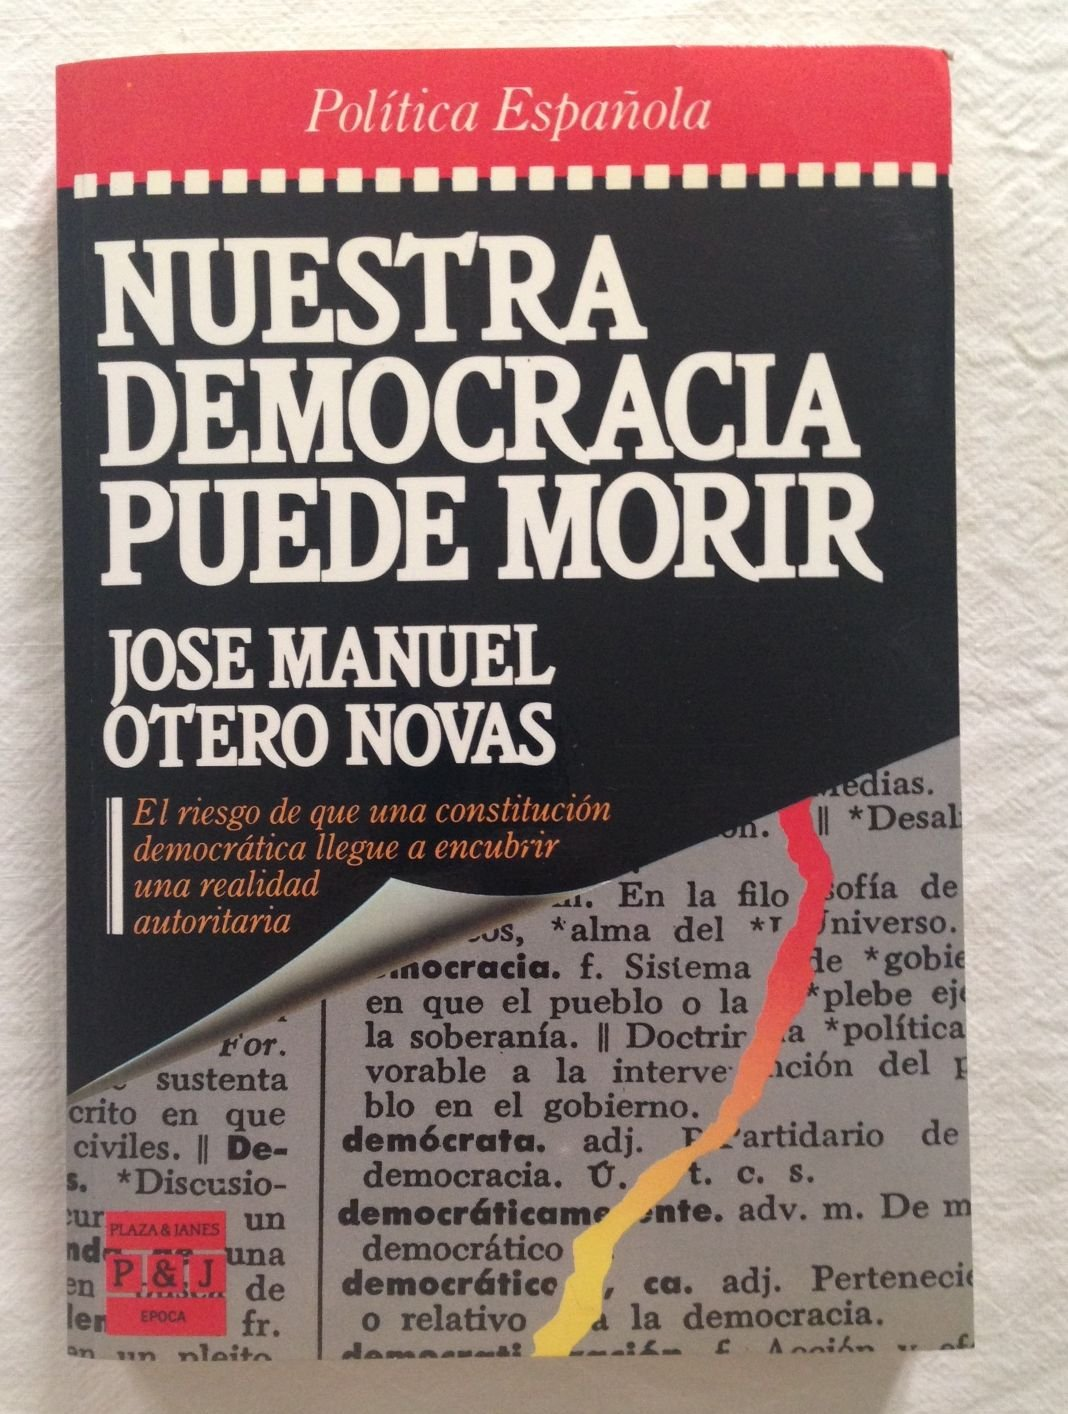 Nuestra democracia puede morir Epoca. Política española: Amazon.es: Otero Novas, José Manuel: Libros en idiomas extranjeros